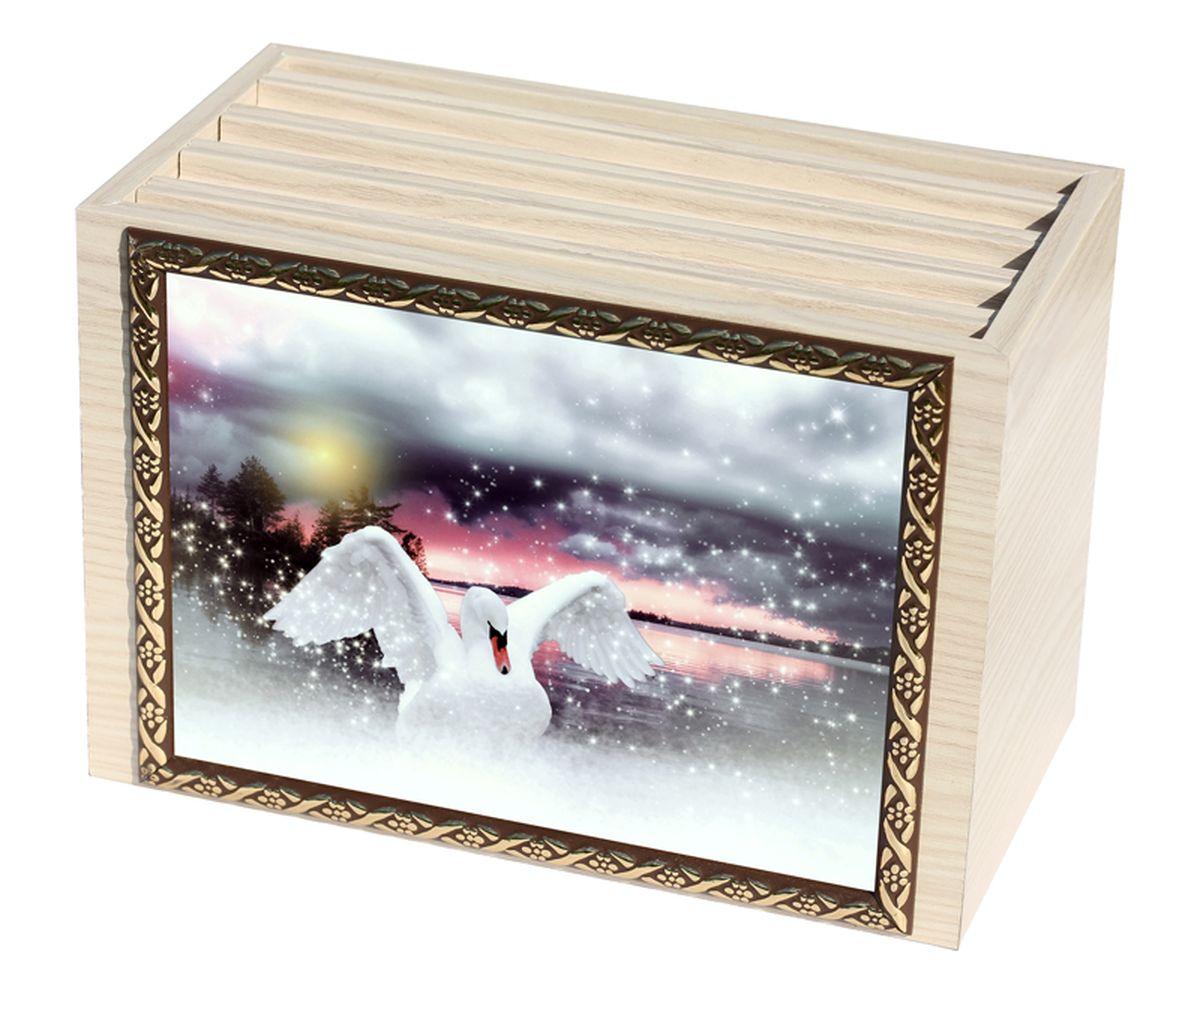 Фотобокс Milarte, 96 фотографий, 16 х 9 х 22 см. FBVD-119009FBVD-119009Фотобокс Milarte поможет аккуратно и стильно хранить ваши фотографии. Фотобокс выполнен из МДФ цвета выбеленный дуб. Изображение нанесено с лицевой стороны на корпус и обрамлено пластиковой рамкой с узором. Фотобокс содержит 4 вынимающиеся вкладки с ПВХ-карманами для фото, по 24 штуки каждая. Стильный и красивый фотобокс не только отлично дополнит интерьер, но и станет чудесным подарком к любому случаю, который обязательно порадует получателя. Размер изображения: 16 х 11 см.